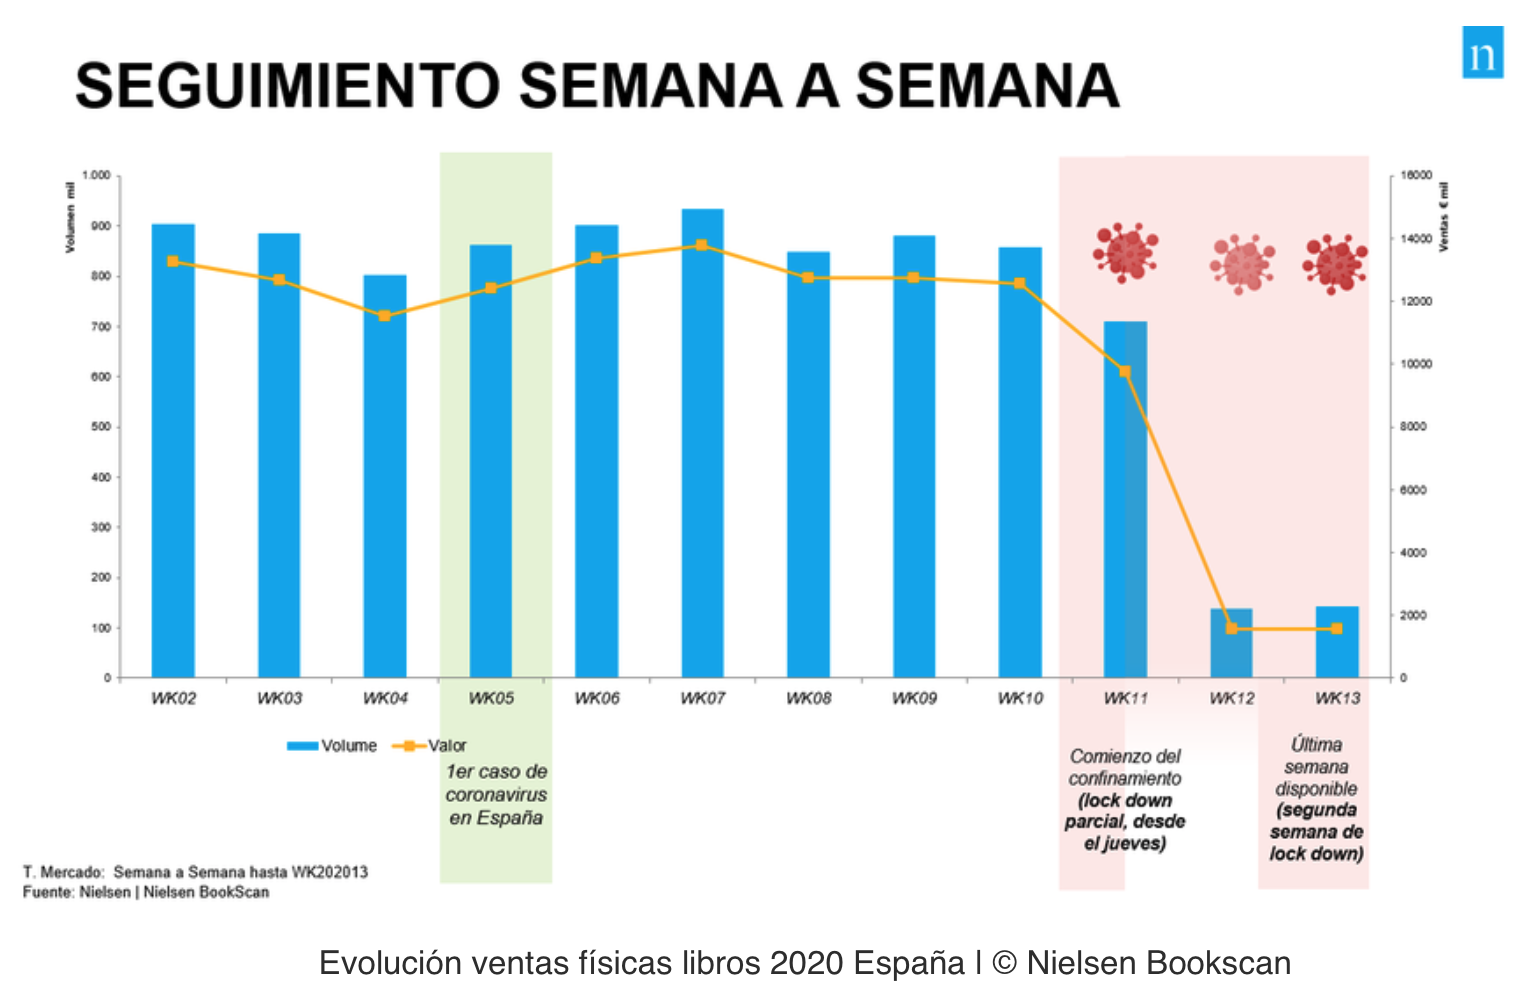 https://www.publishnews.es/materias/2020/04/09/el-libro-fisico-en-espana-registra-cerca-de-20-millones-de-euros-de-perdidas-en-dos-semanas